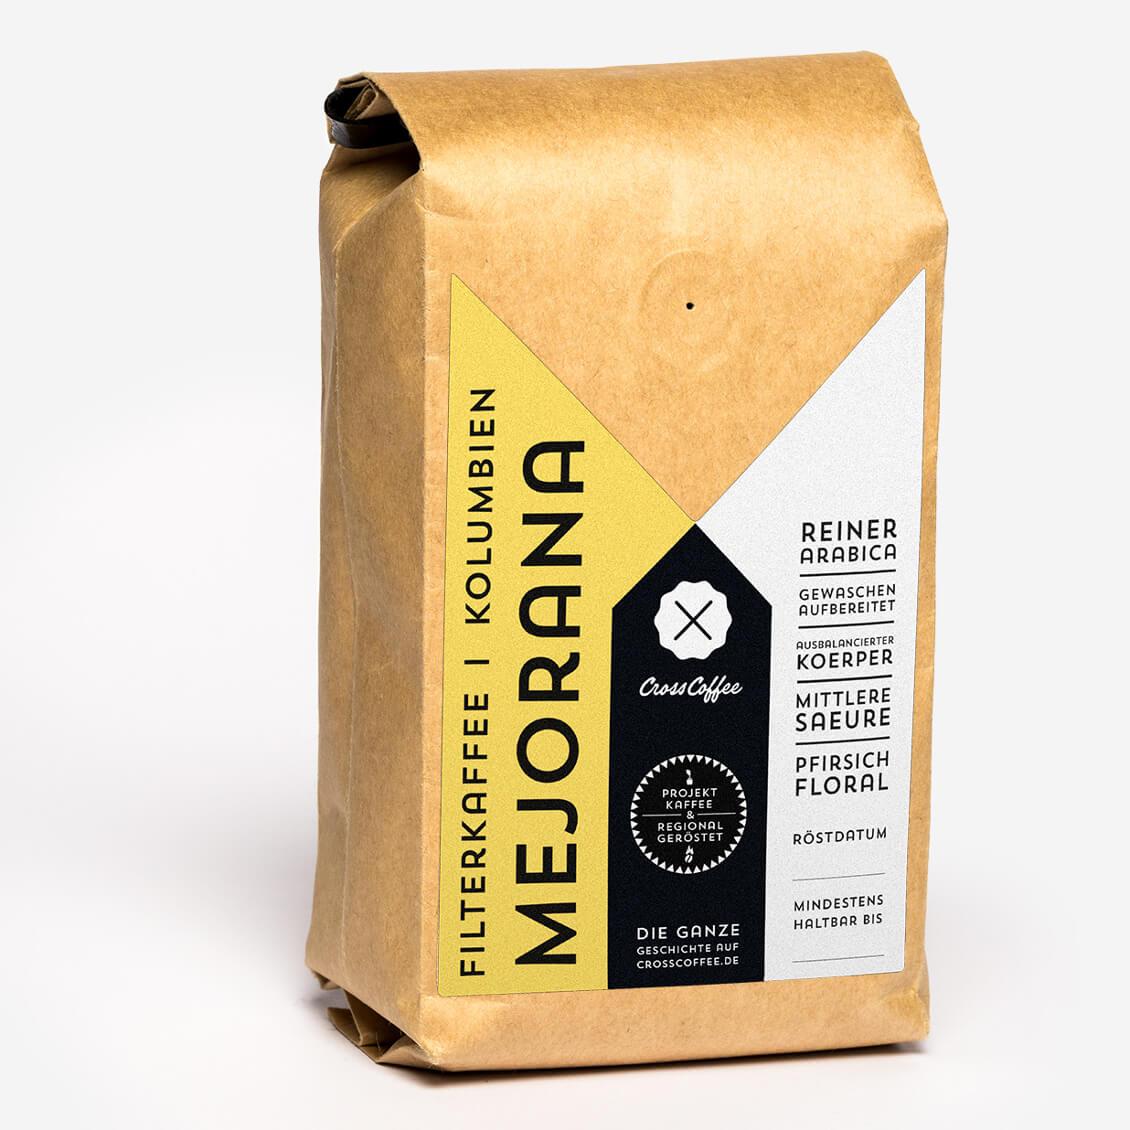 Produktbild La MEJORANA Filterkaffee, Spezialitätenkaffee (specialty coffee)der Kaffeerösterei Cross Coffee aus BremenCross Coffee -